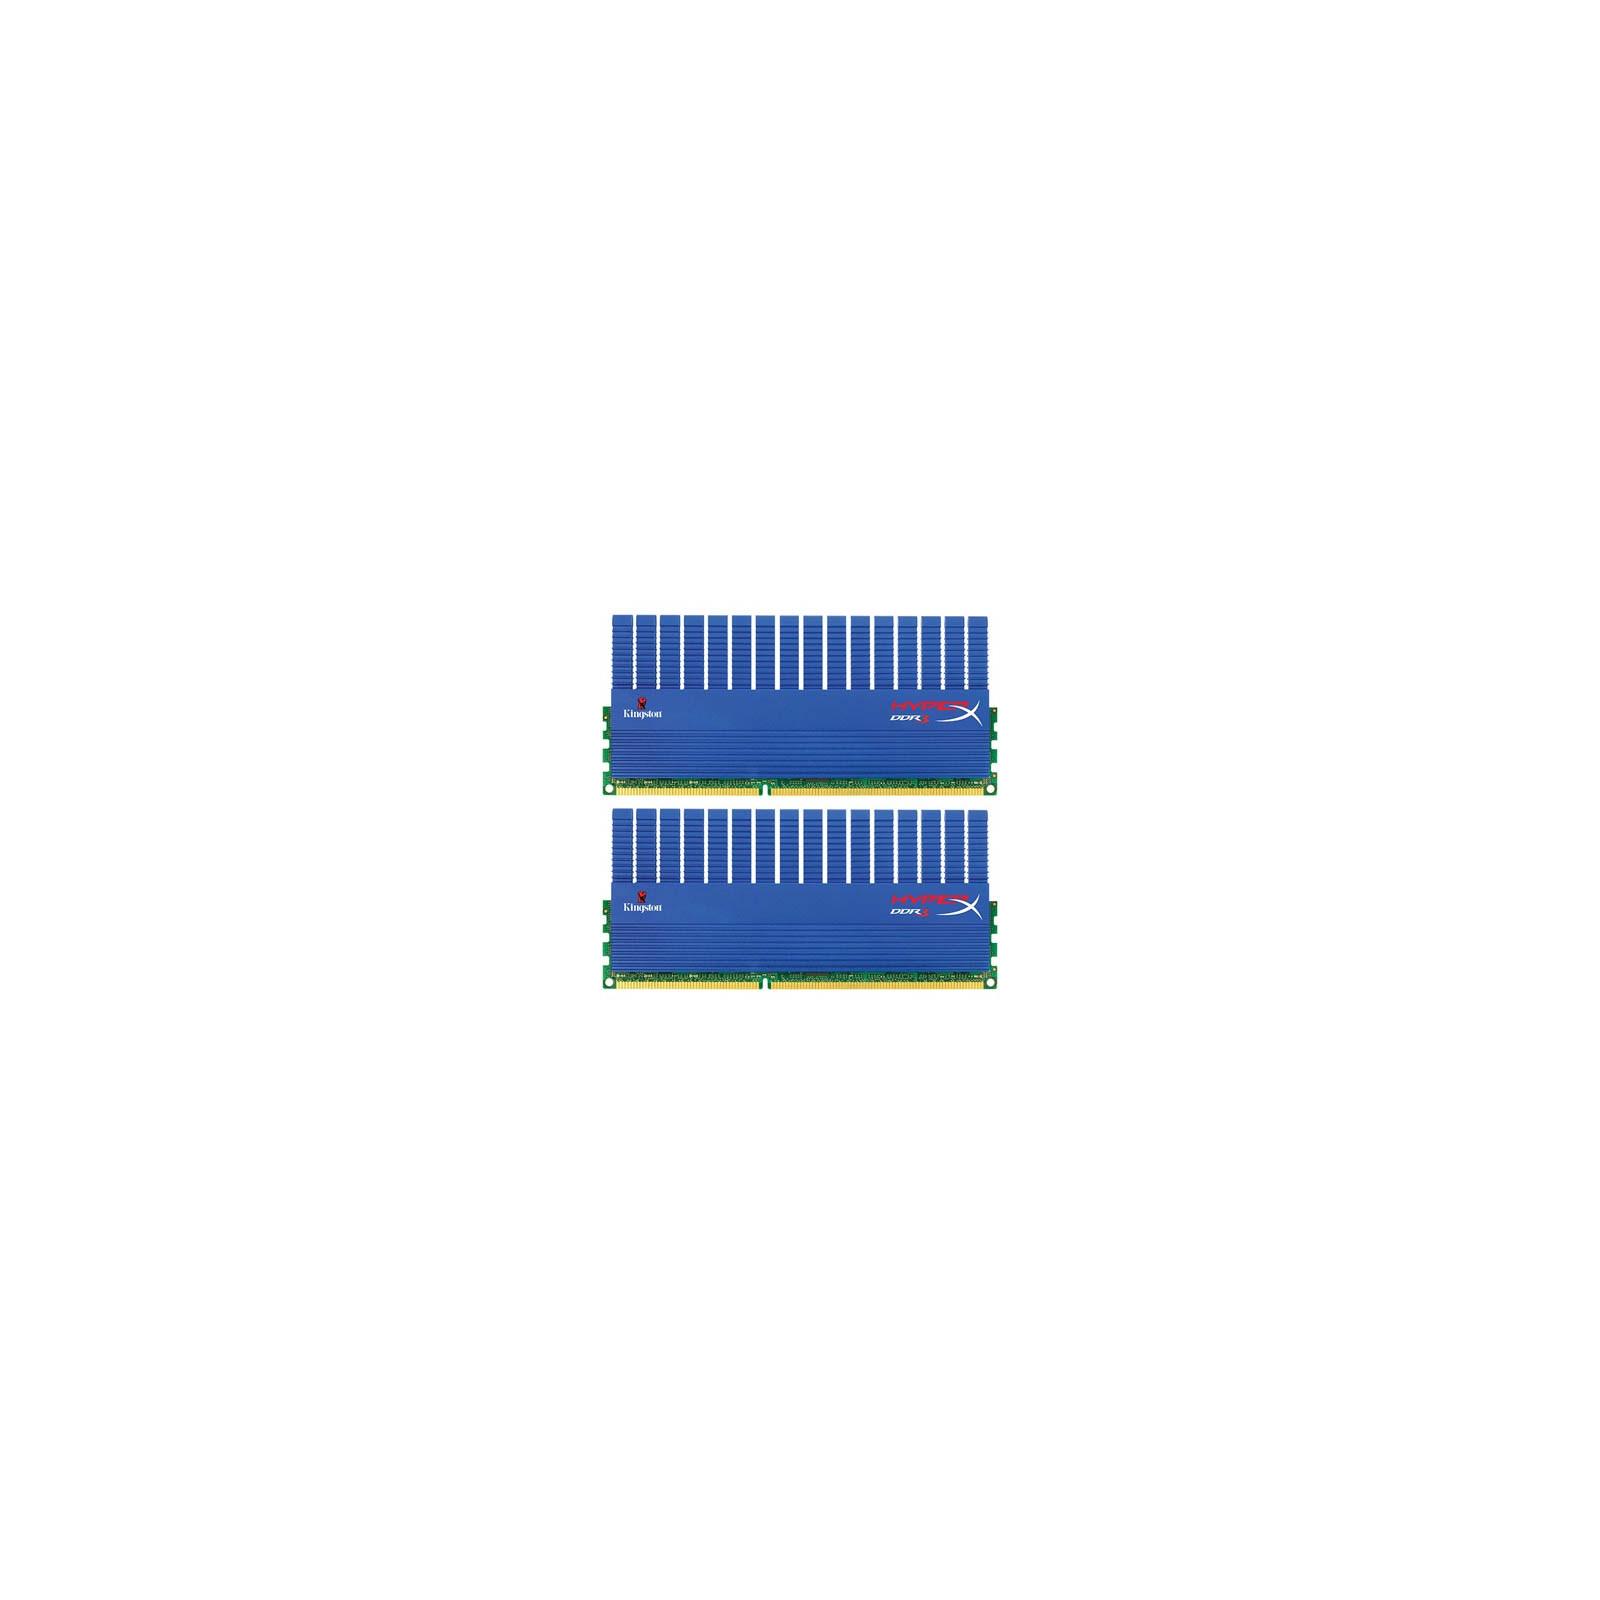 Модуль памяти для компьютера DDR3 8GB (2x4GB) 2400 MHz Kingston (KHX24C11T1K2/8X)